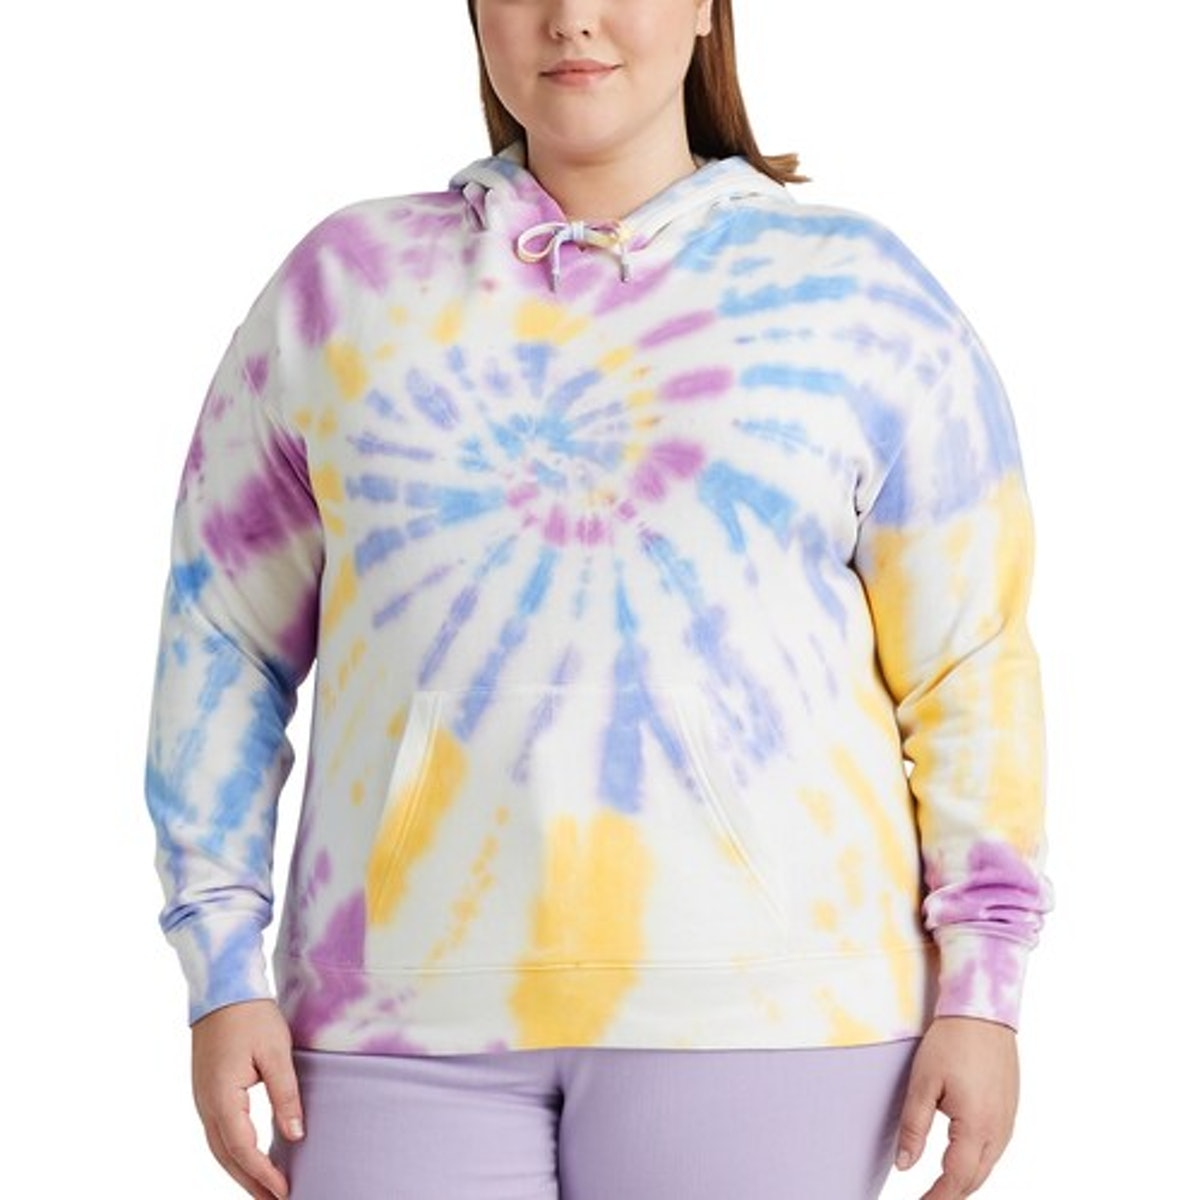 Chap Plus Size Tie Dye Hooded Sweatshirt